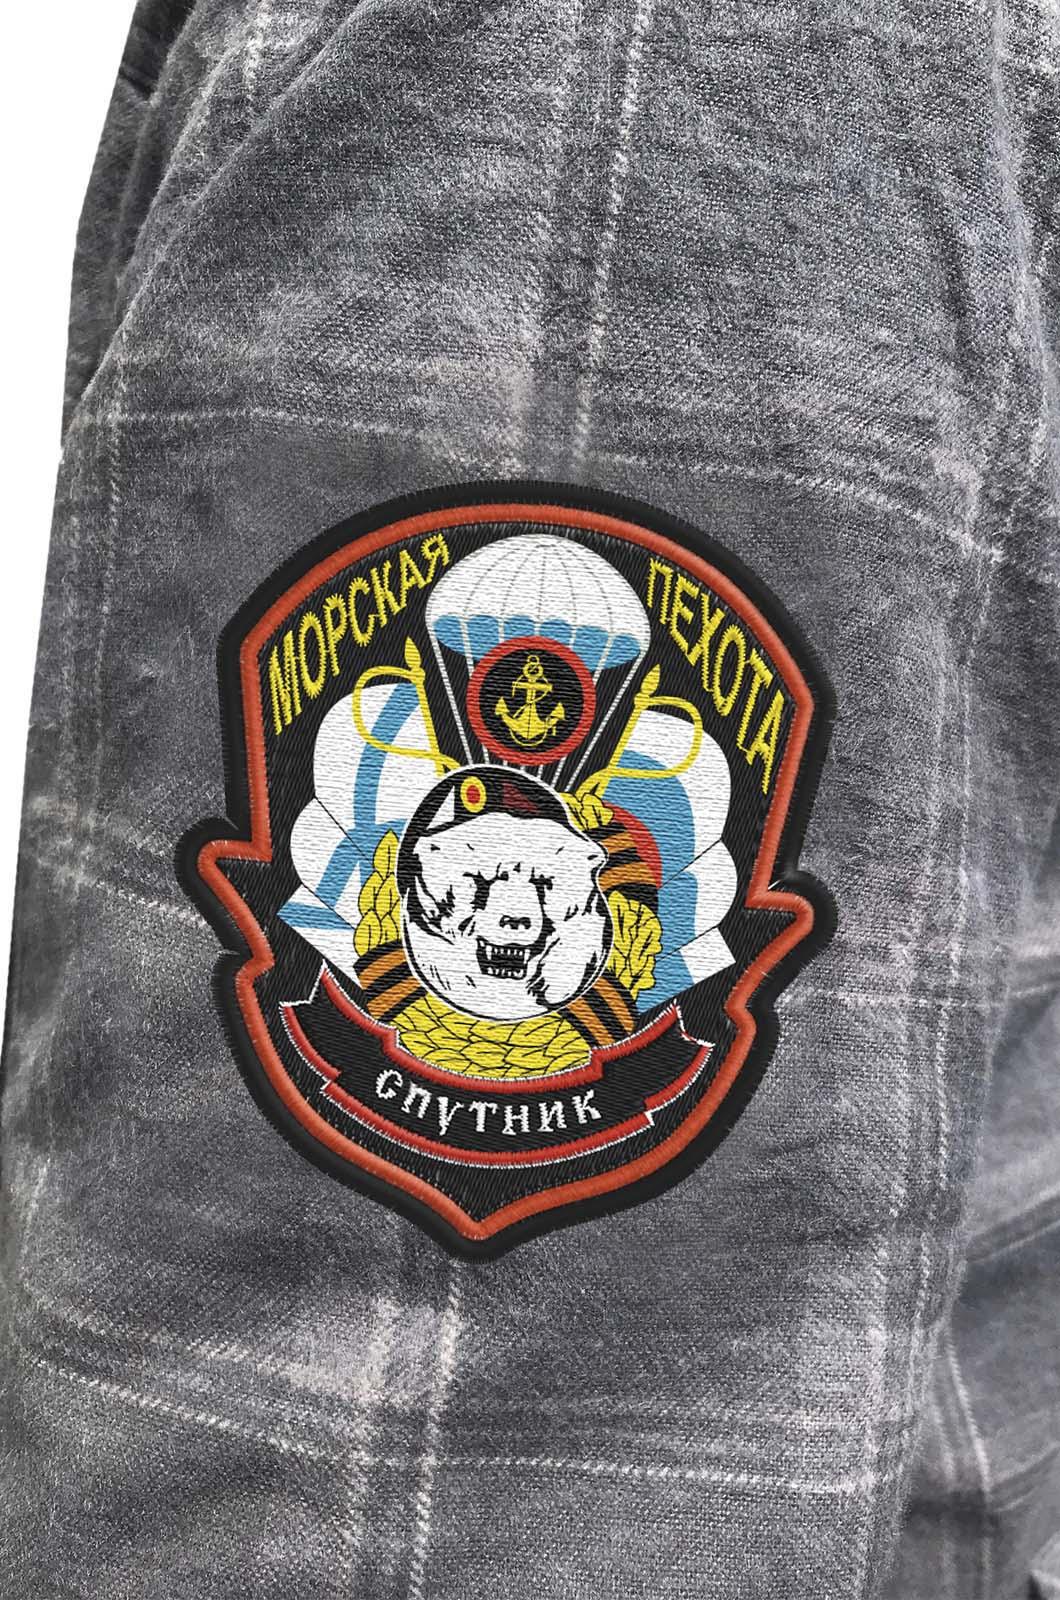 Теплая рубашка для морского пехотинца купить по сбалансированной цене